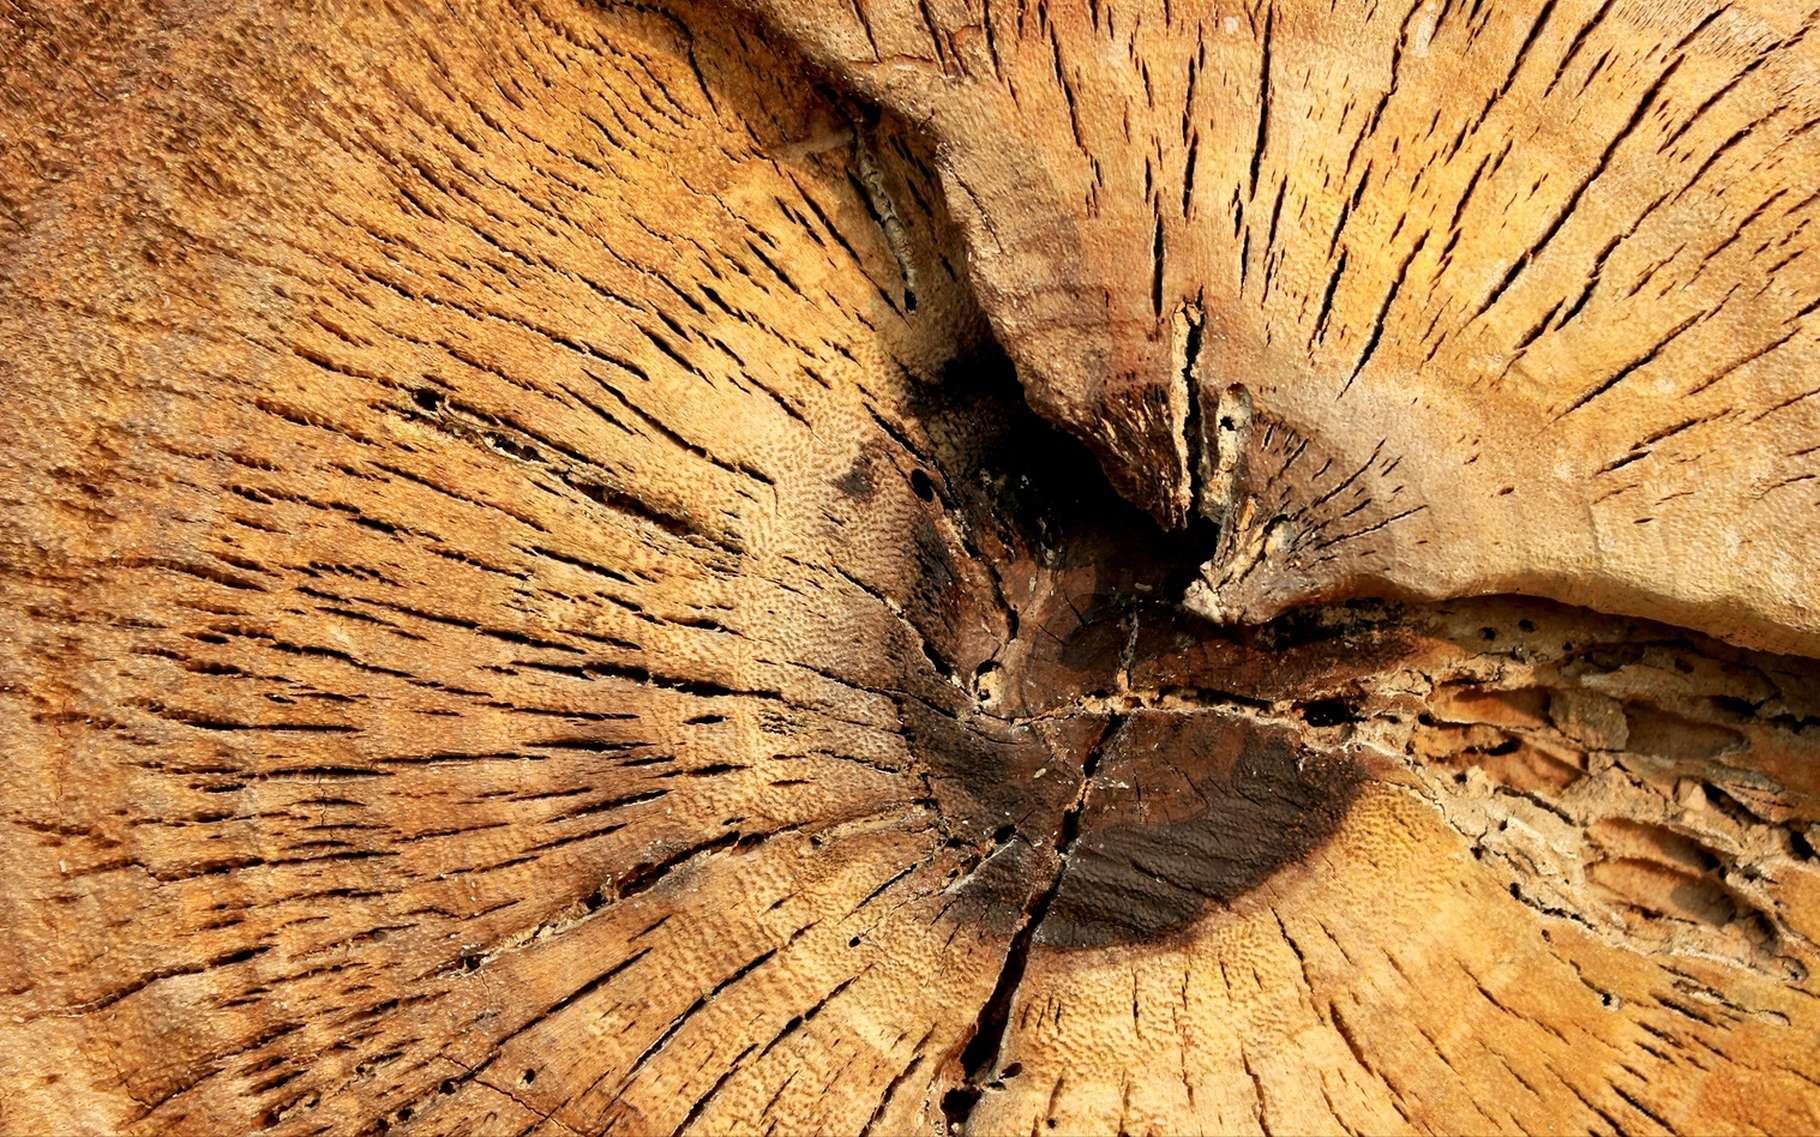 L'hémicellulose est un composant du bois. © wichai Deewong, Shutterstock